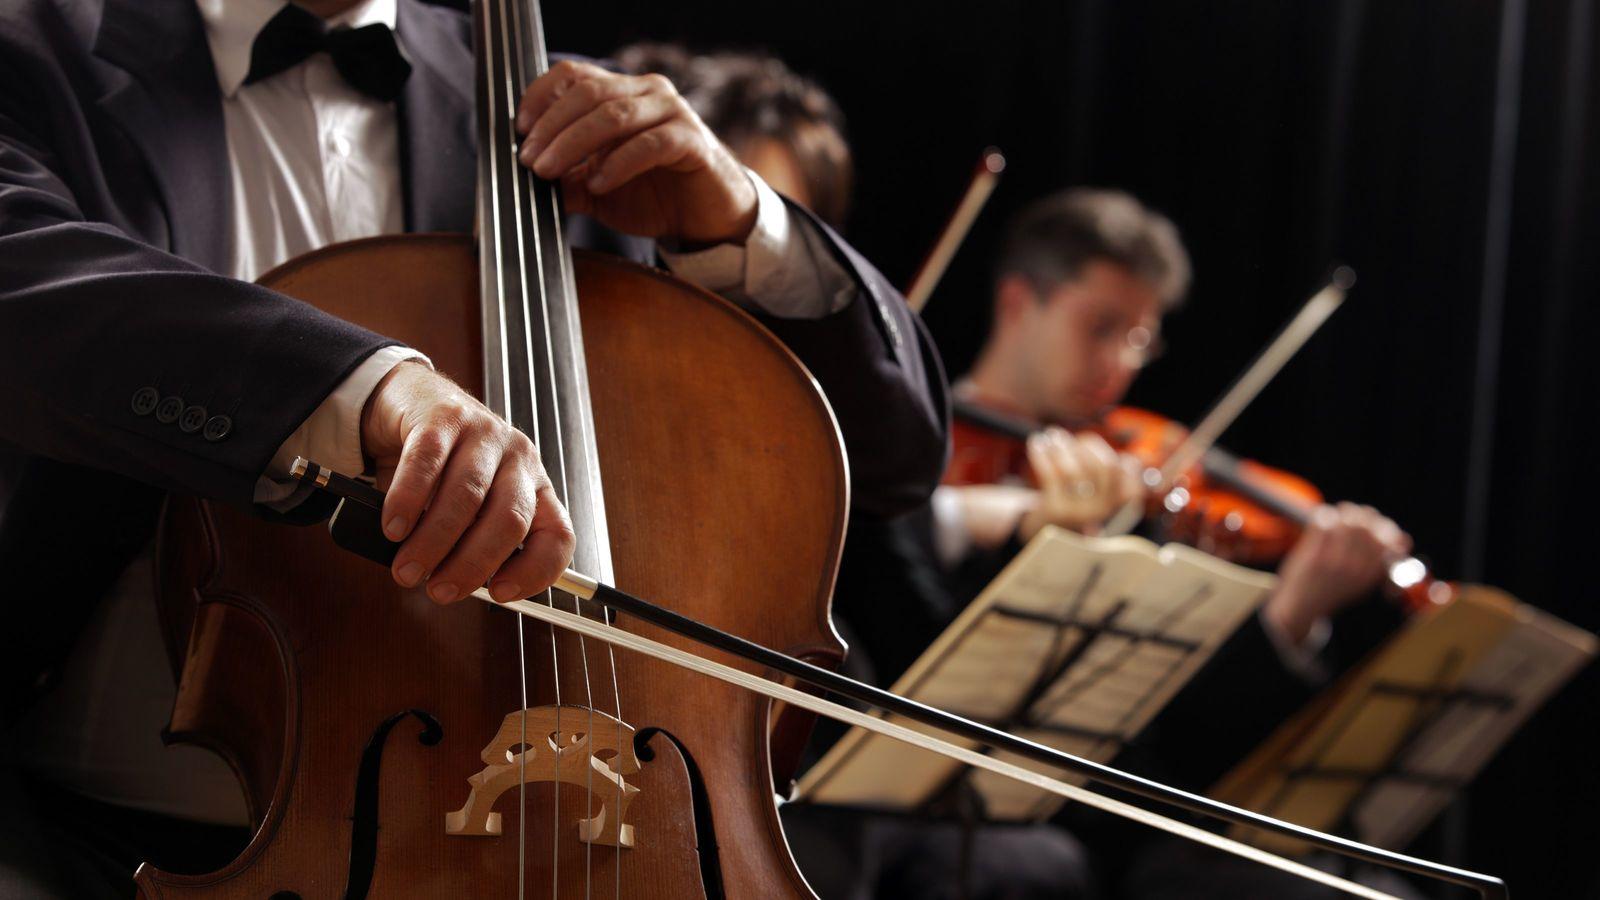 日本のクラシックは「オタク」に殺されつつある 嫌いなものを認めない聴衆の排他性